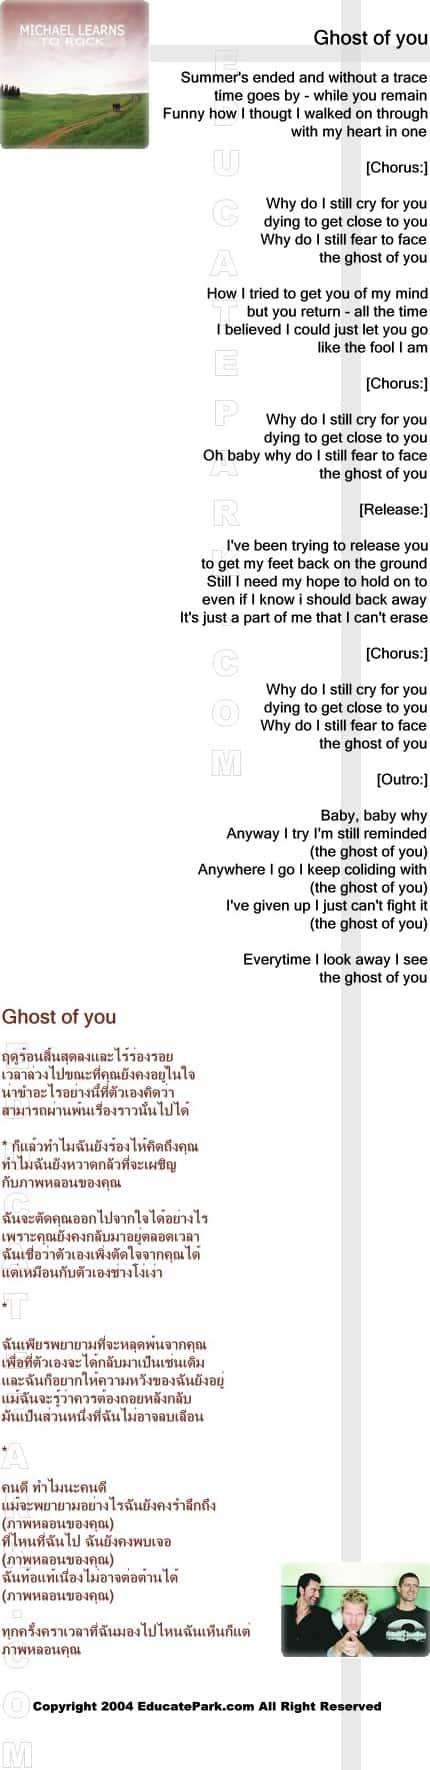 แปลเพลง Ghost of you - Michael Learn to Rock